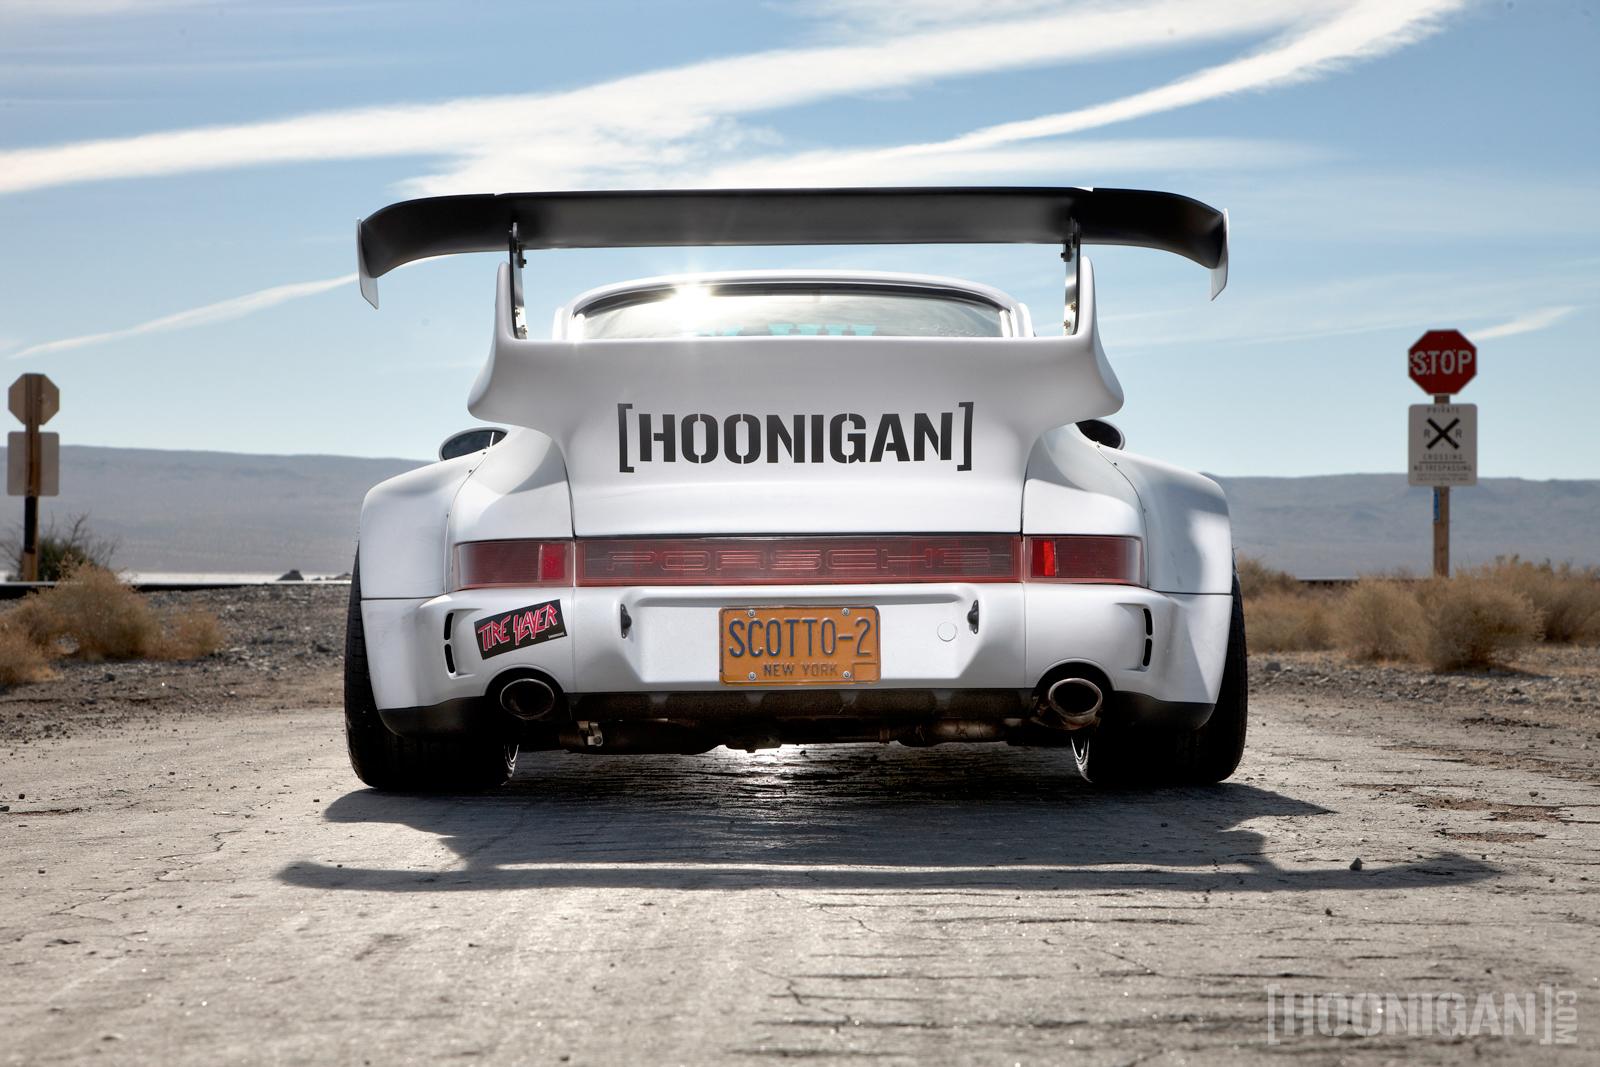 hoonigan rauh welt porsche wallpapers Car Pictures 1600x1067